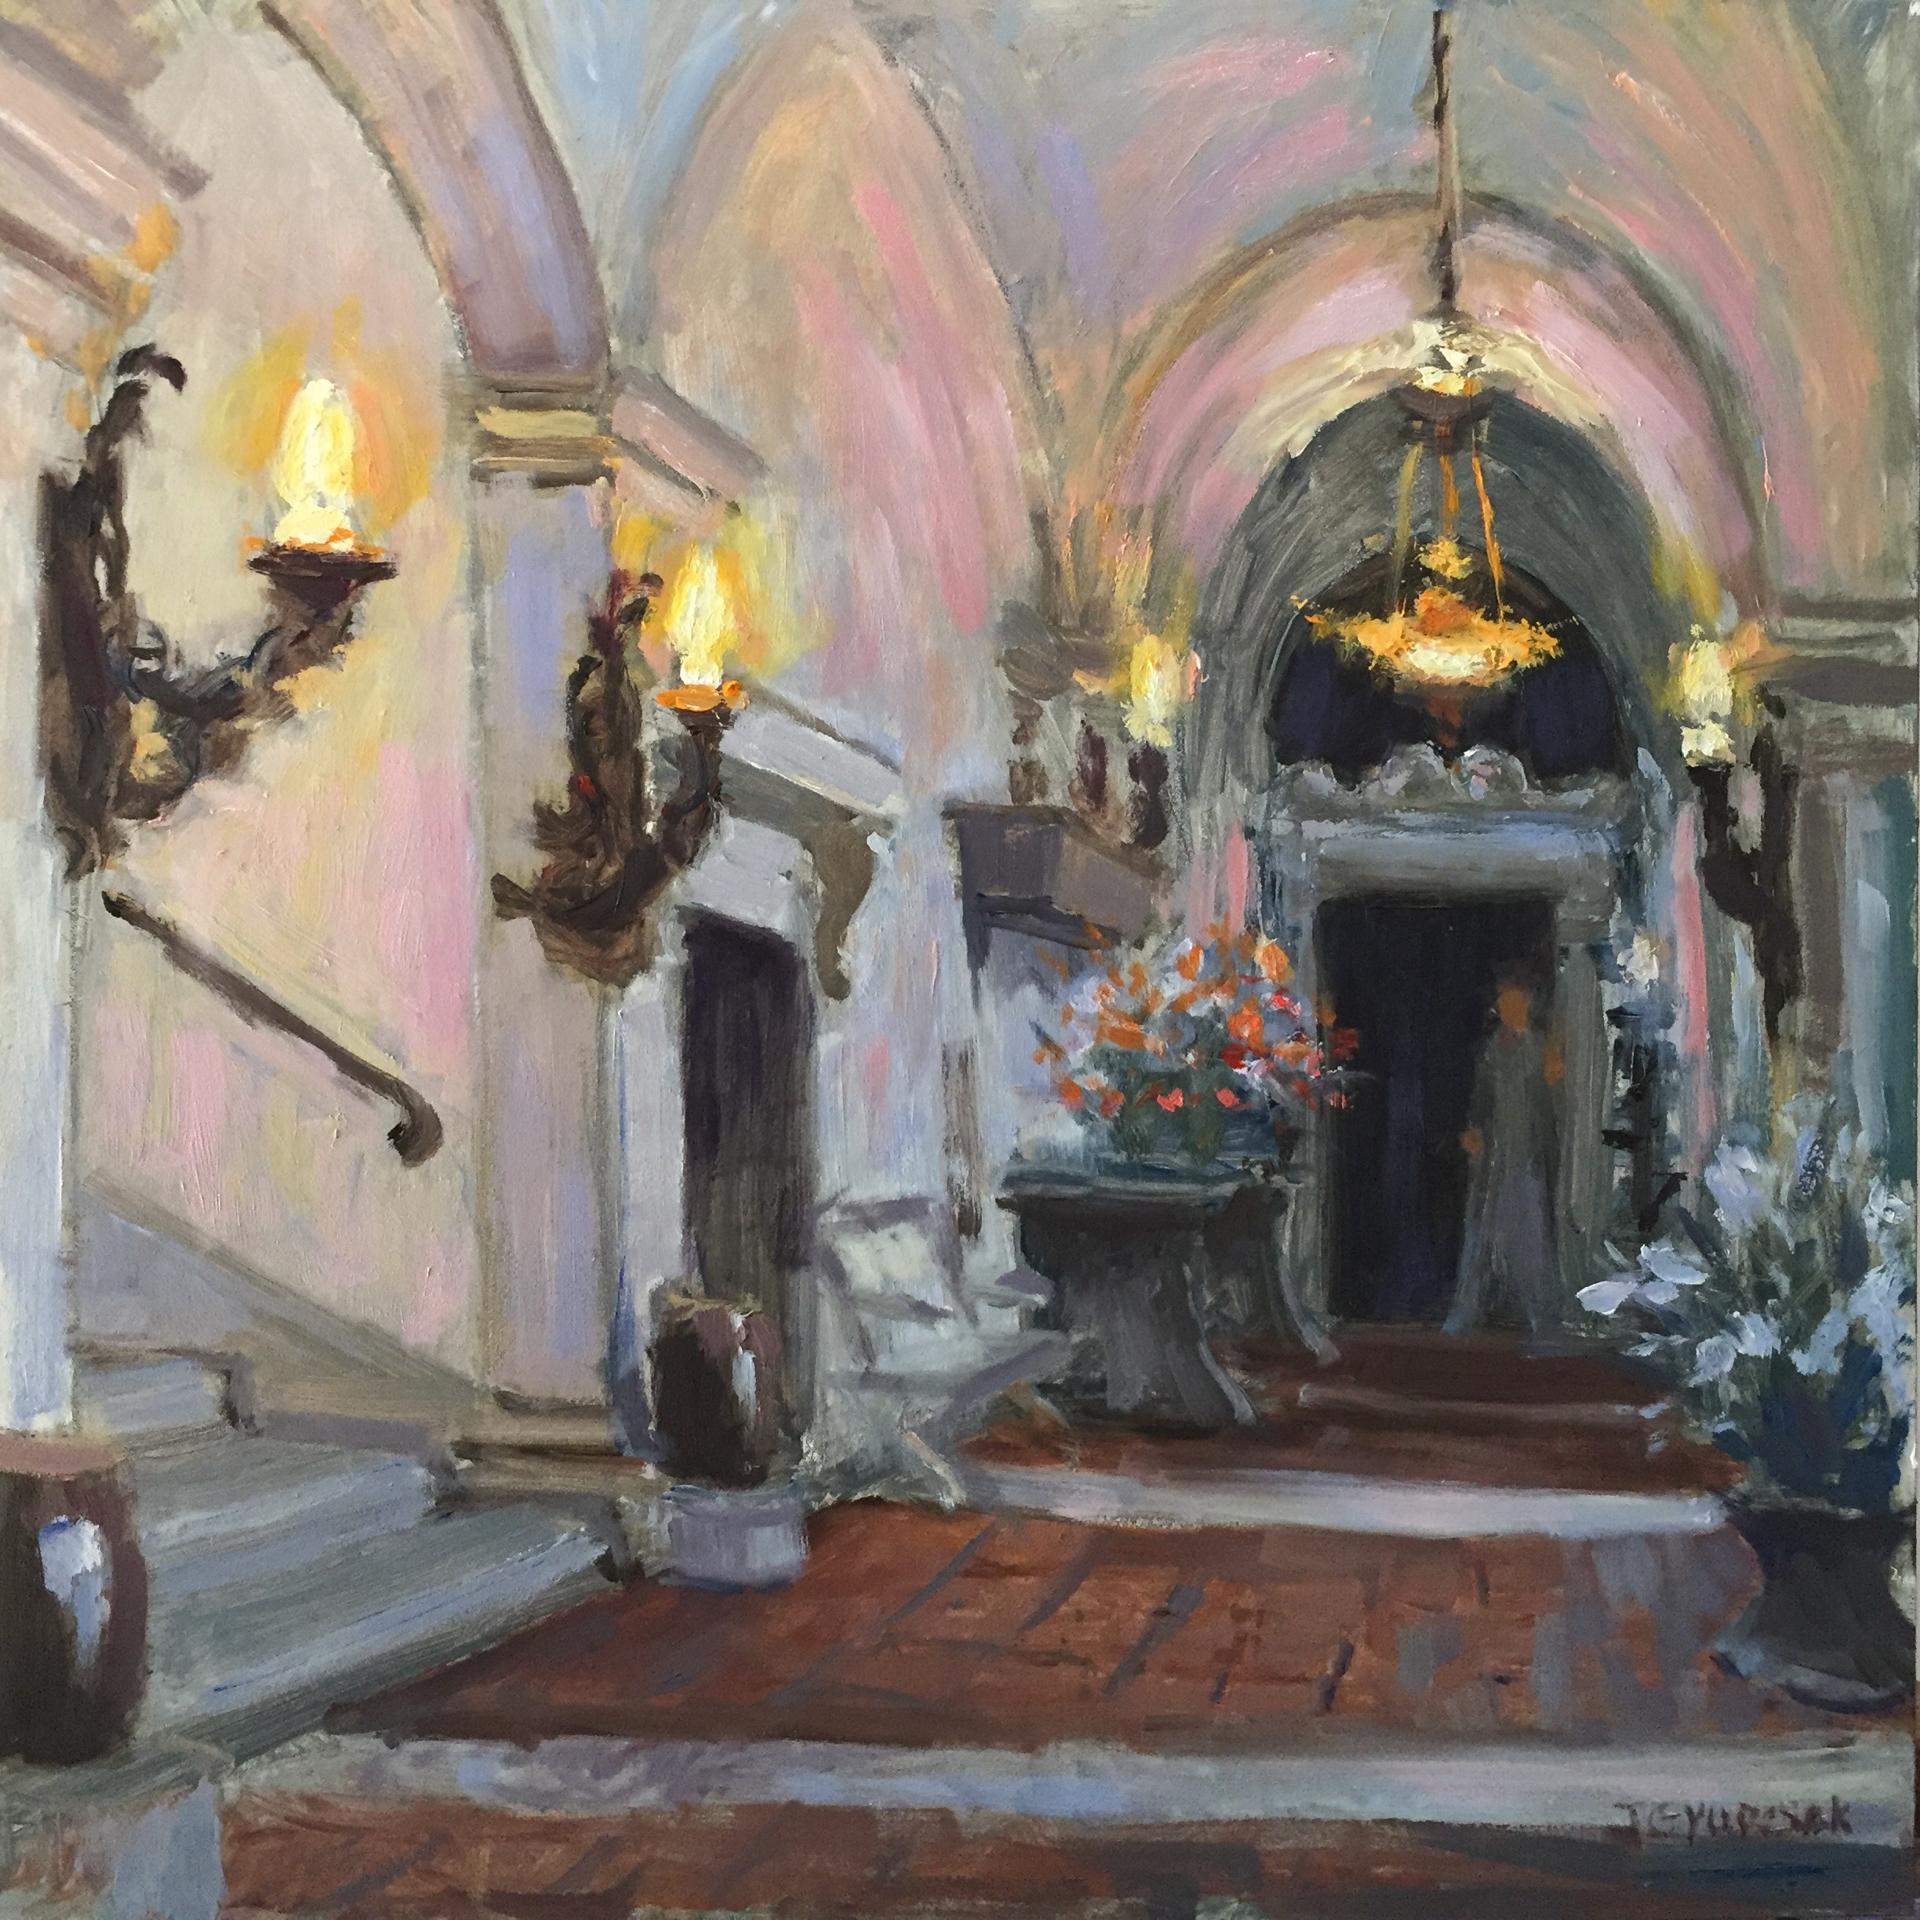 Vizcaya Courtyard by Joe Gyurcsak